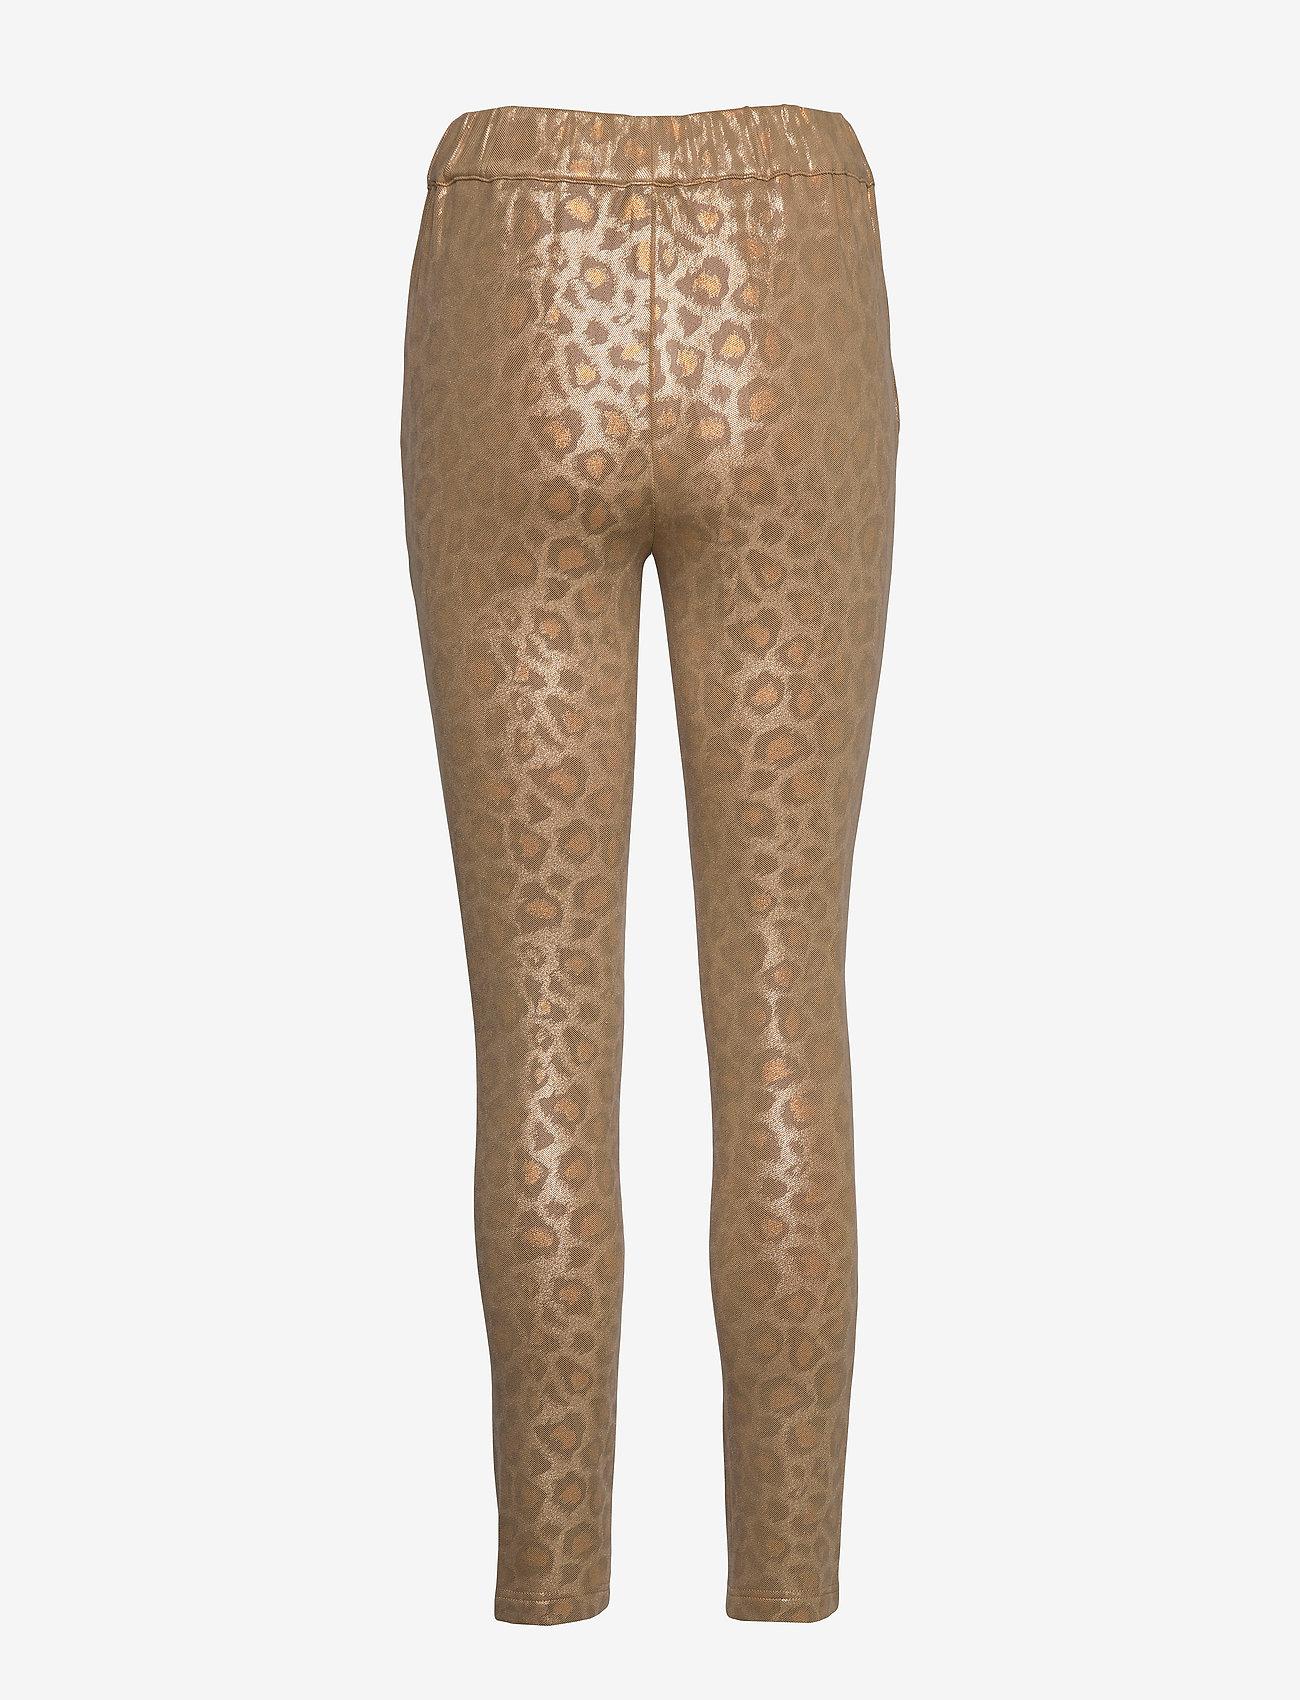 Sofie Schnoor - Pants - leggings - camel - 1